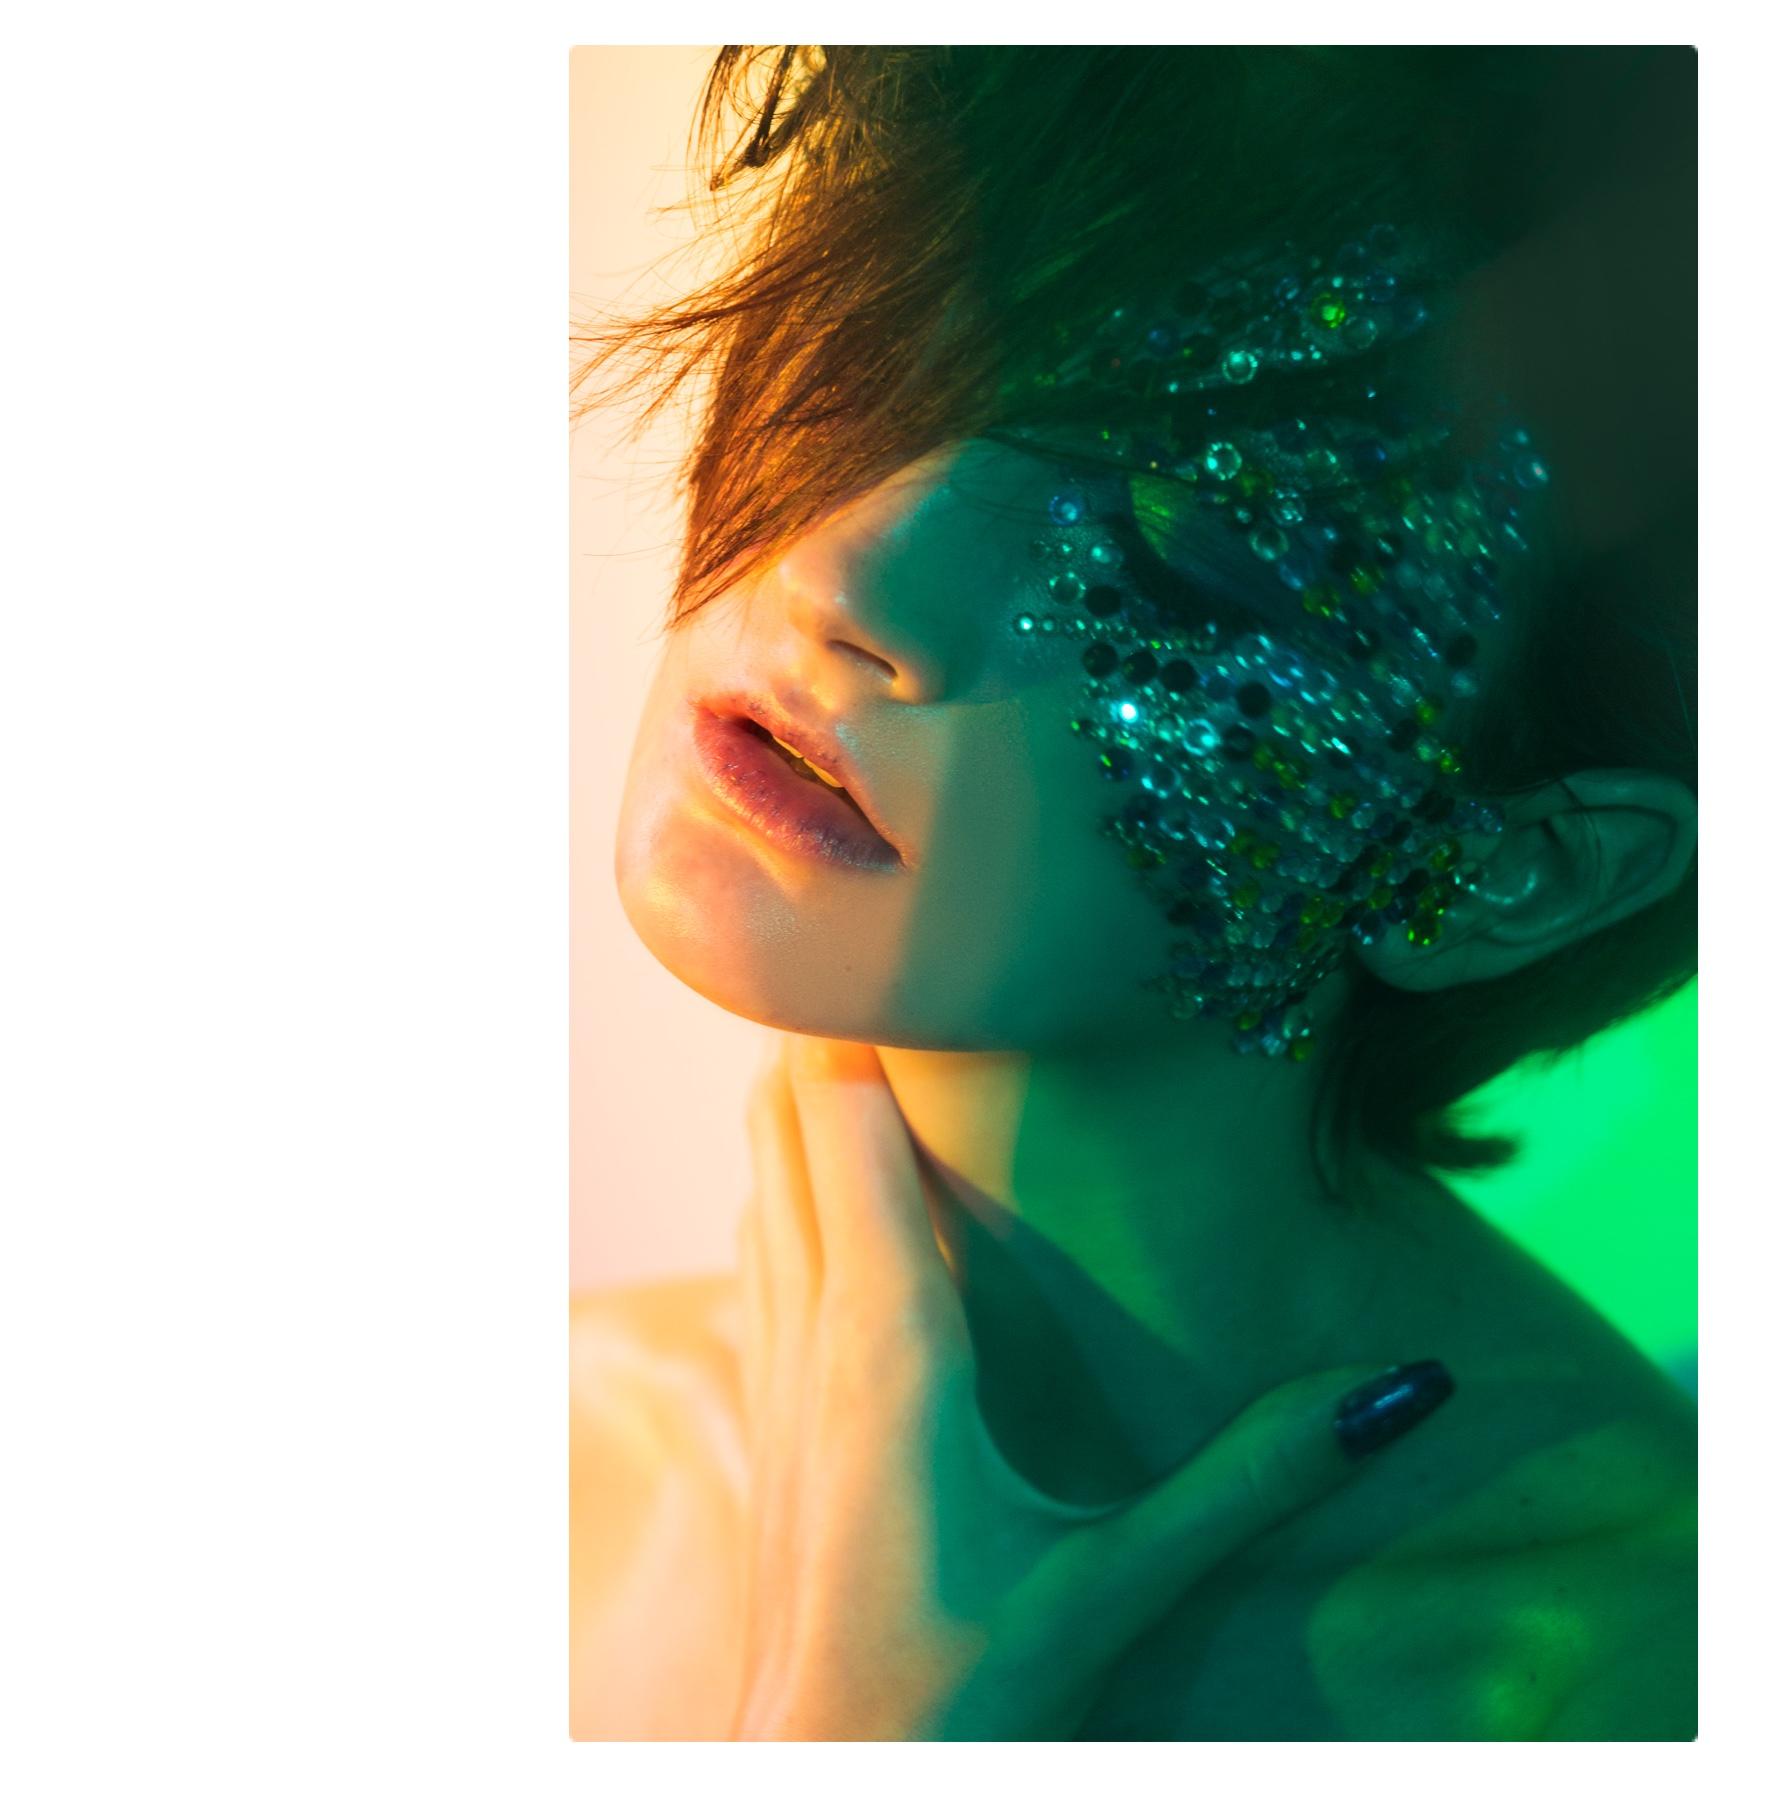 The Shines mucio ricardo,andre mattos,giovana tamplin, joy model,amuse beauty artists5